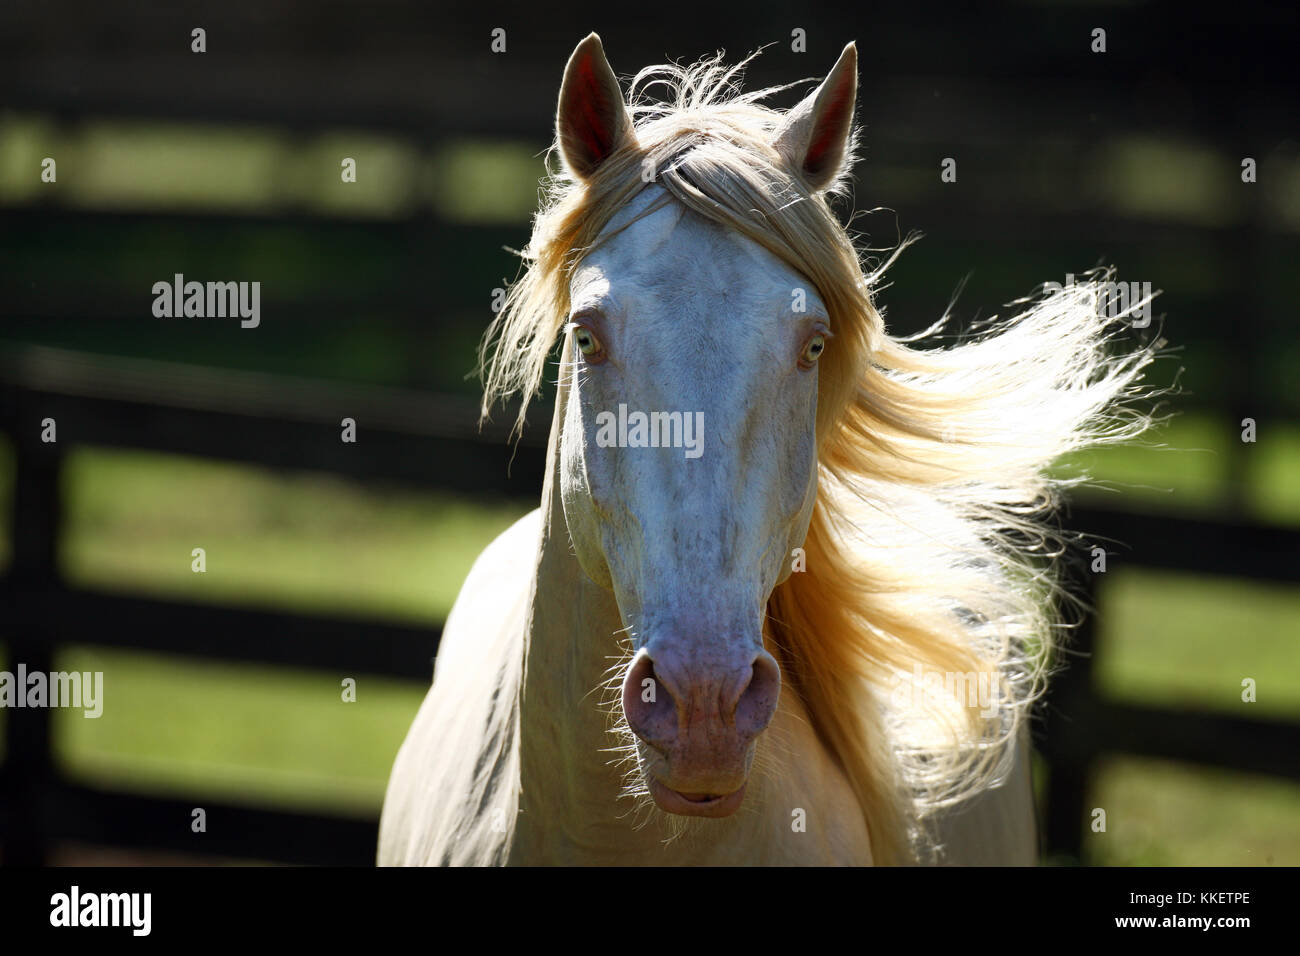 Cremello Lusitano Stallion Headshot - Stock Image